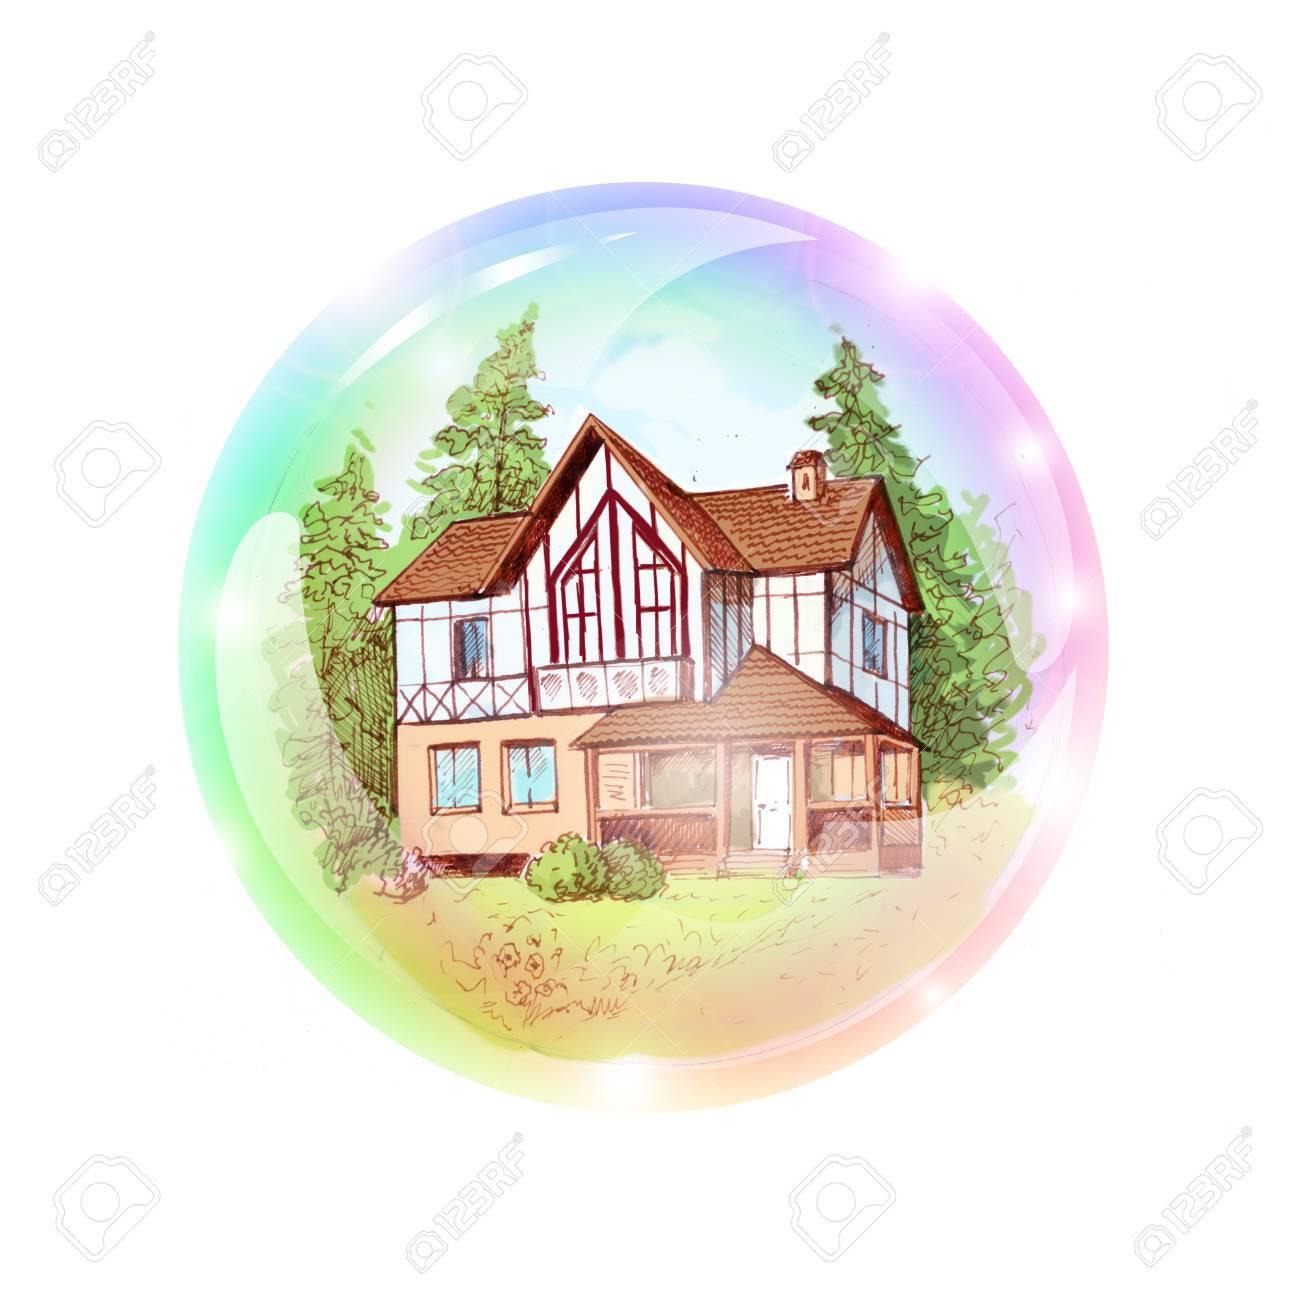 Una Casa De Dos Pisos En Una Burbuja. El Sueño De Comprar O ...